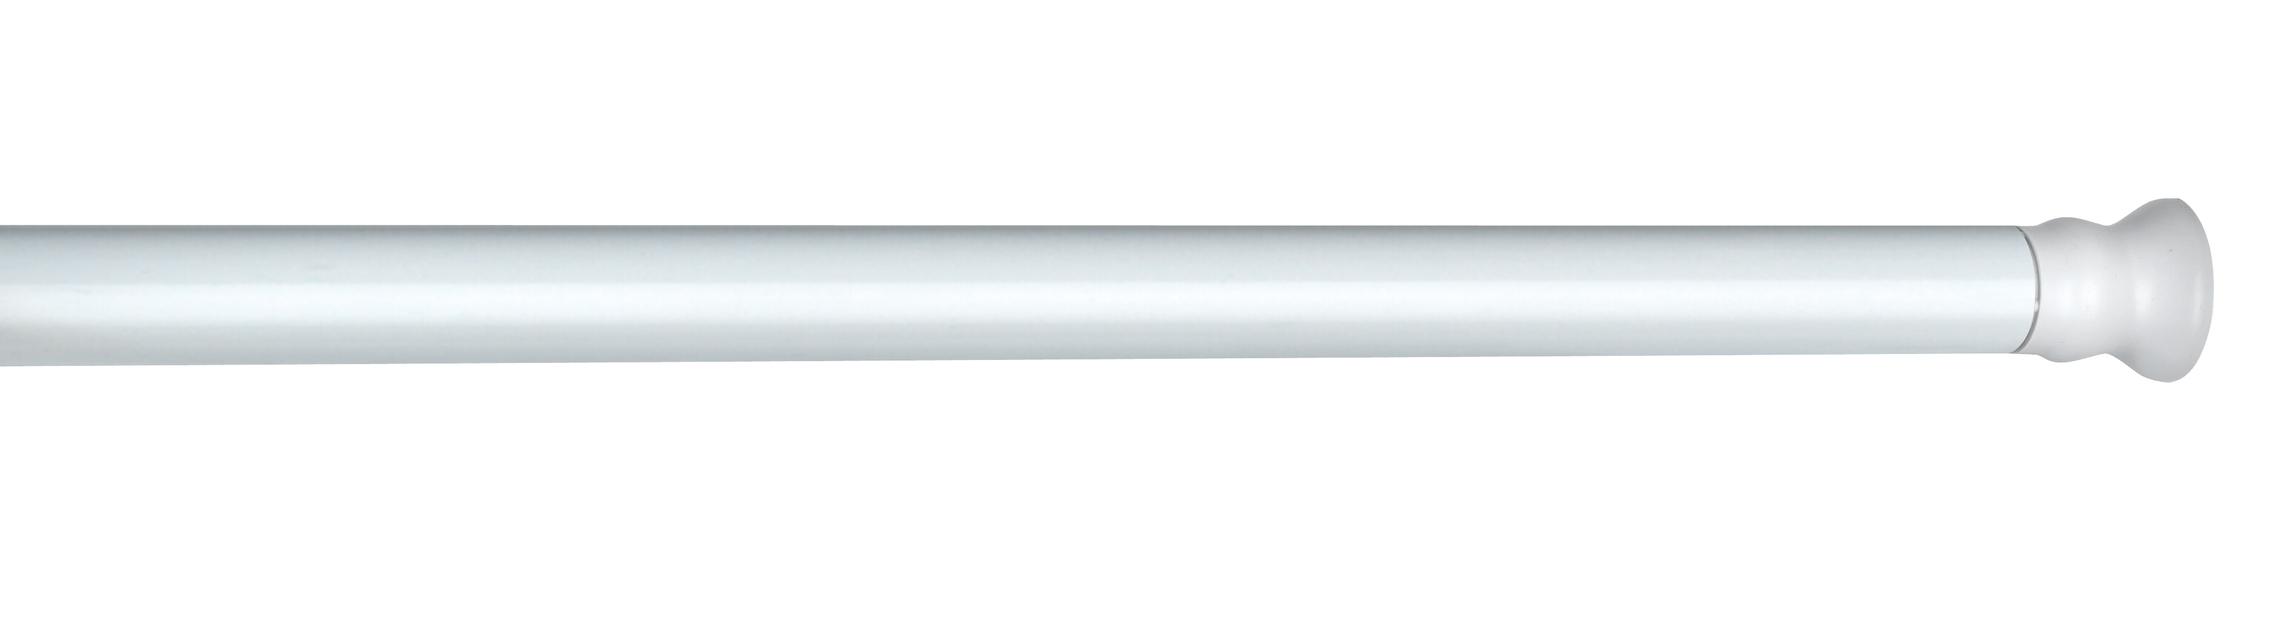 Suport telescopic pentru perdea dus, din aluminiu, Angle Medium Alb, Ø2,8 cm, L110-185 cm imagine